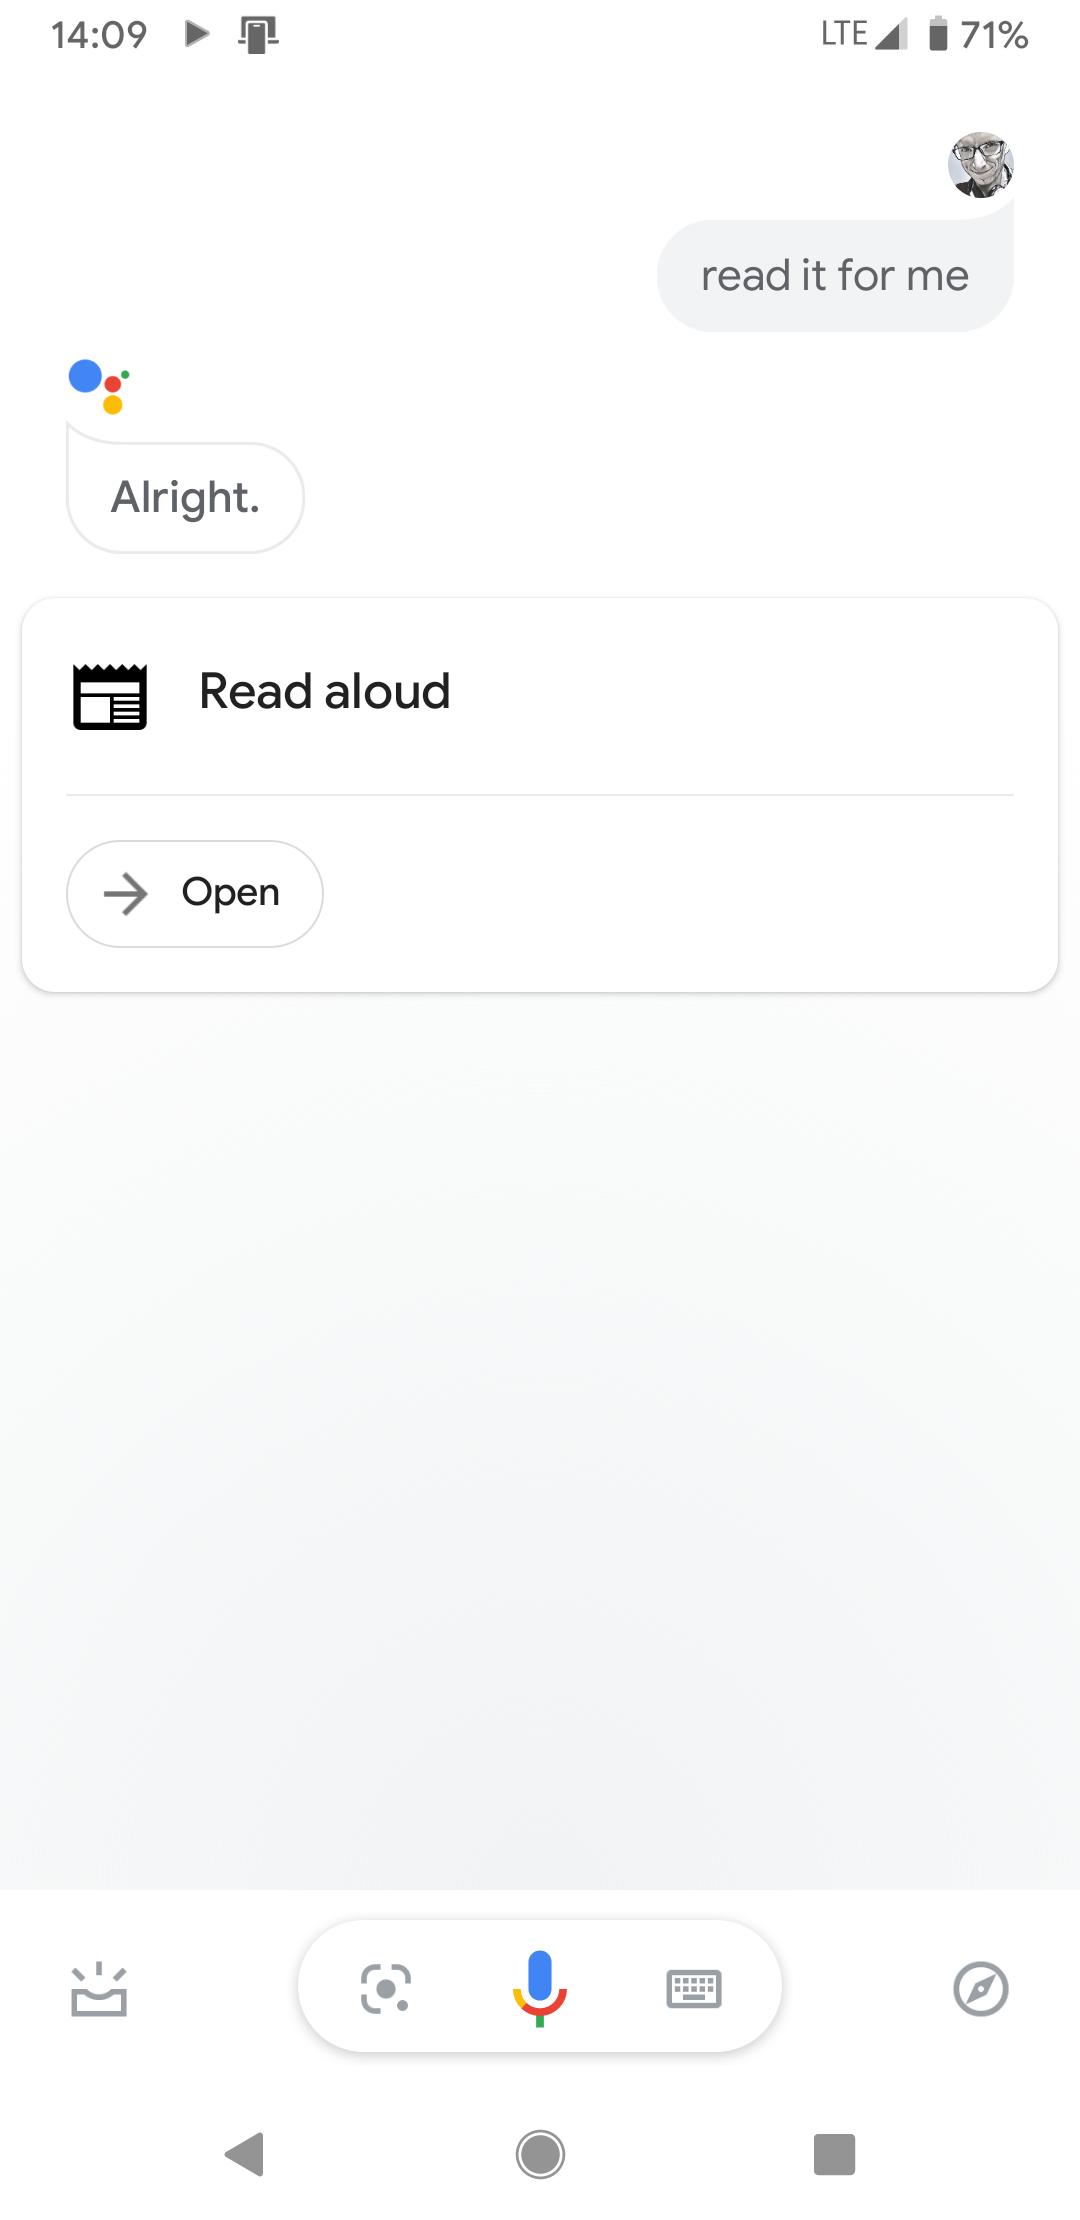 Poczytaj mi, Google. Asystent głosowy może przeczytać zawartość dowolnej strony - sprawdźcie u siebie